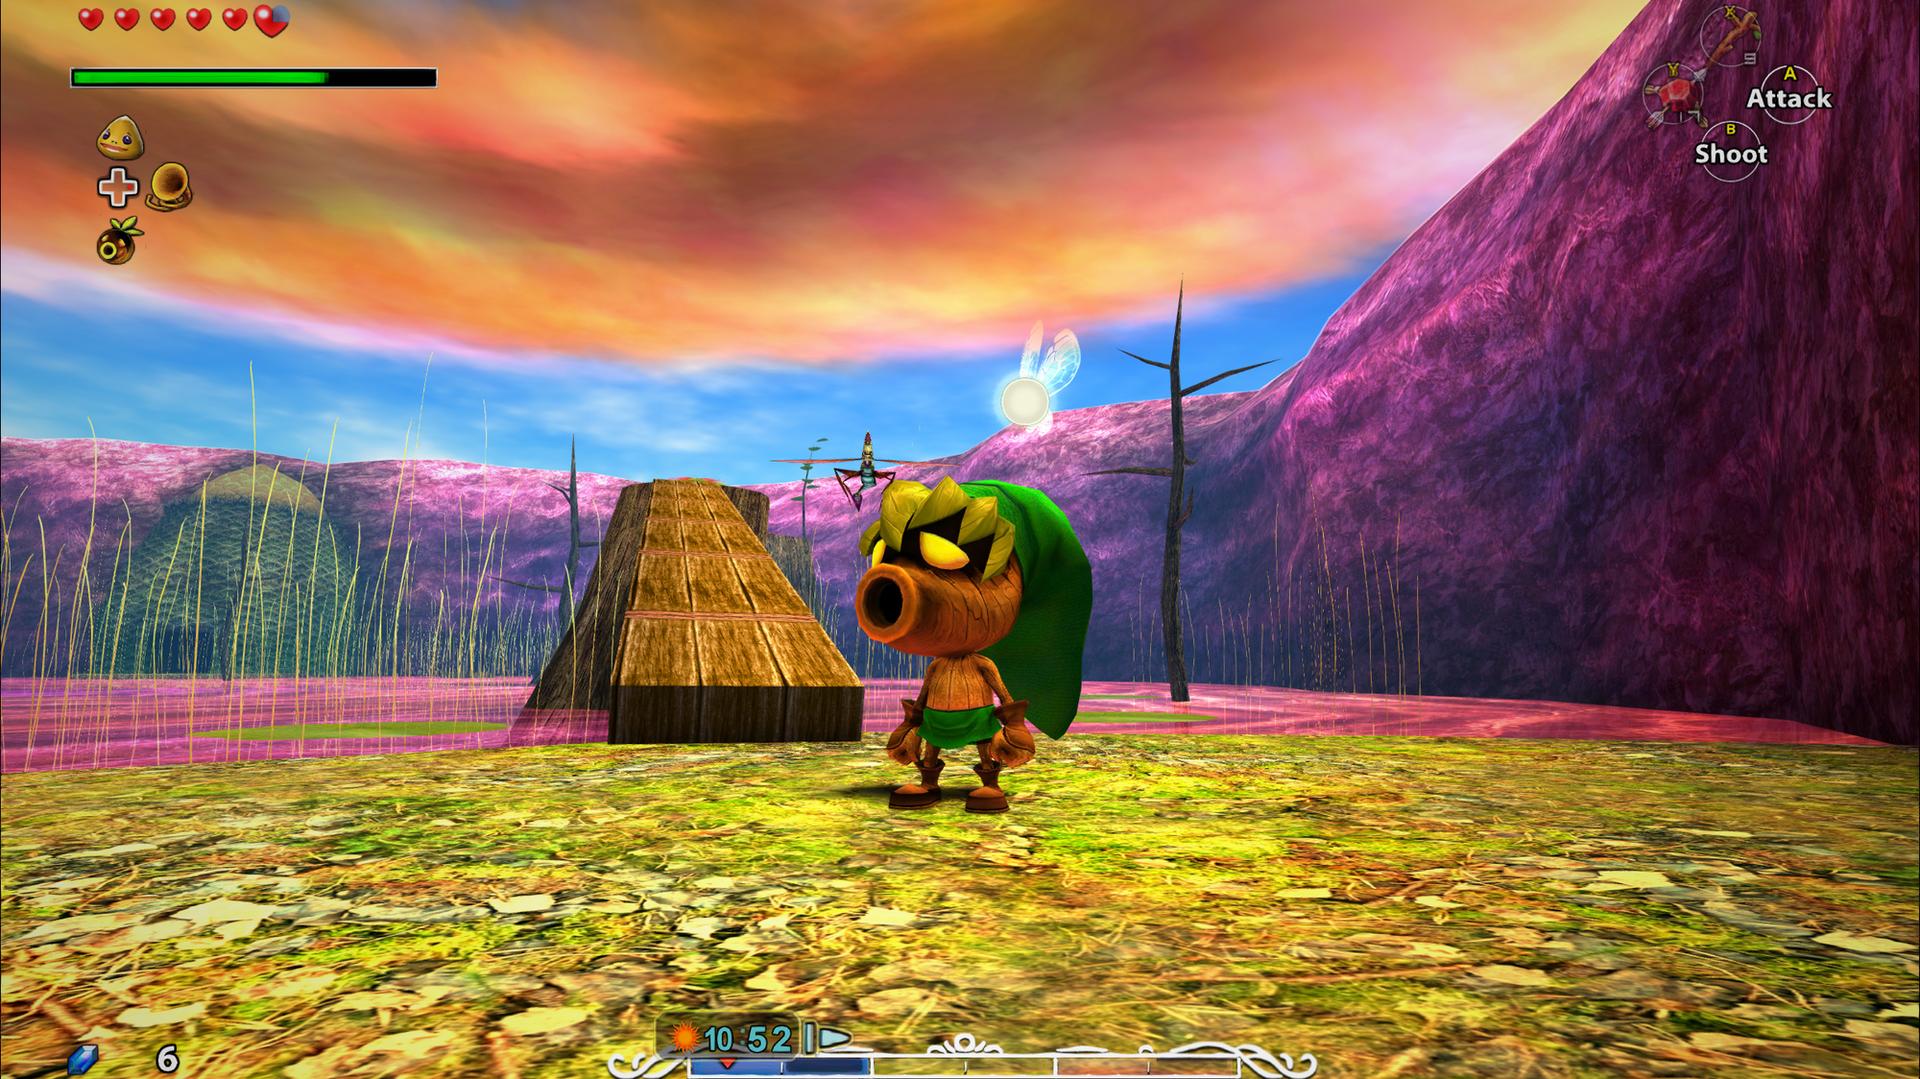 Zelda MM3D 4K 2021-03-03 13-25-35.png